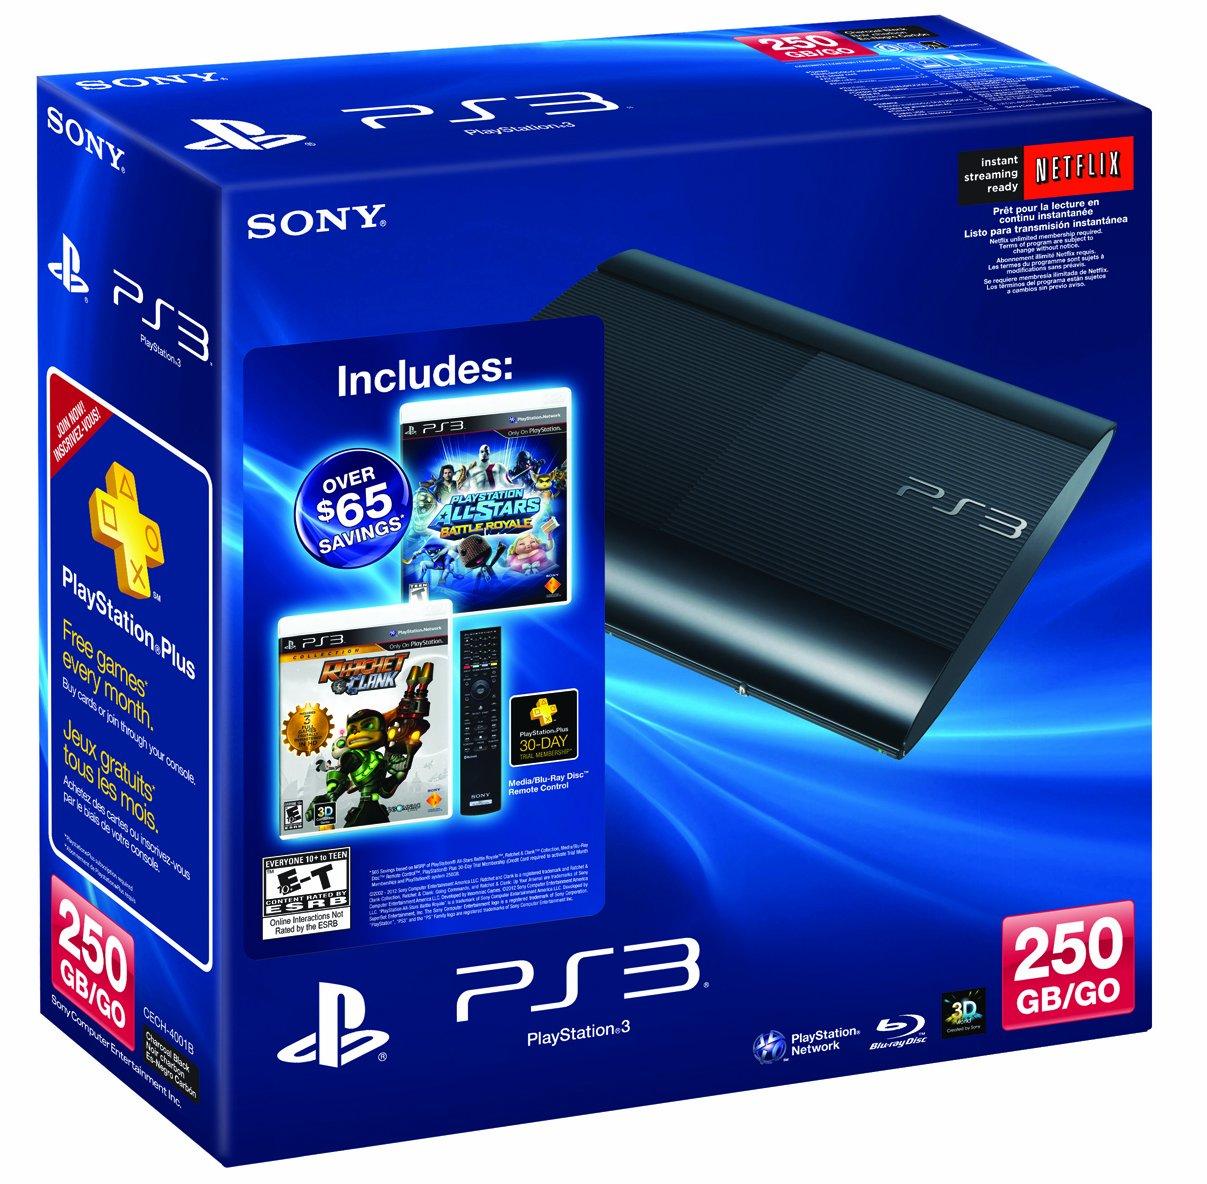 Sony PS3 250GB   Marvel's Amazon Store